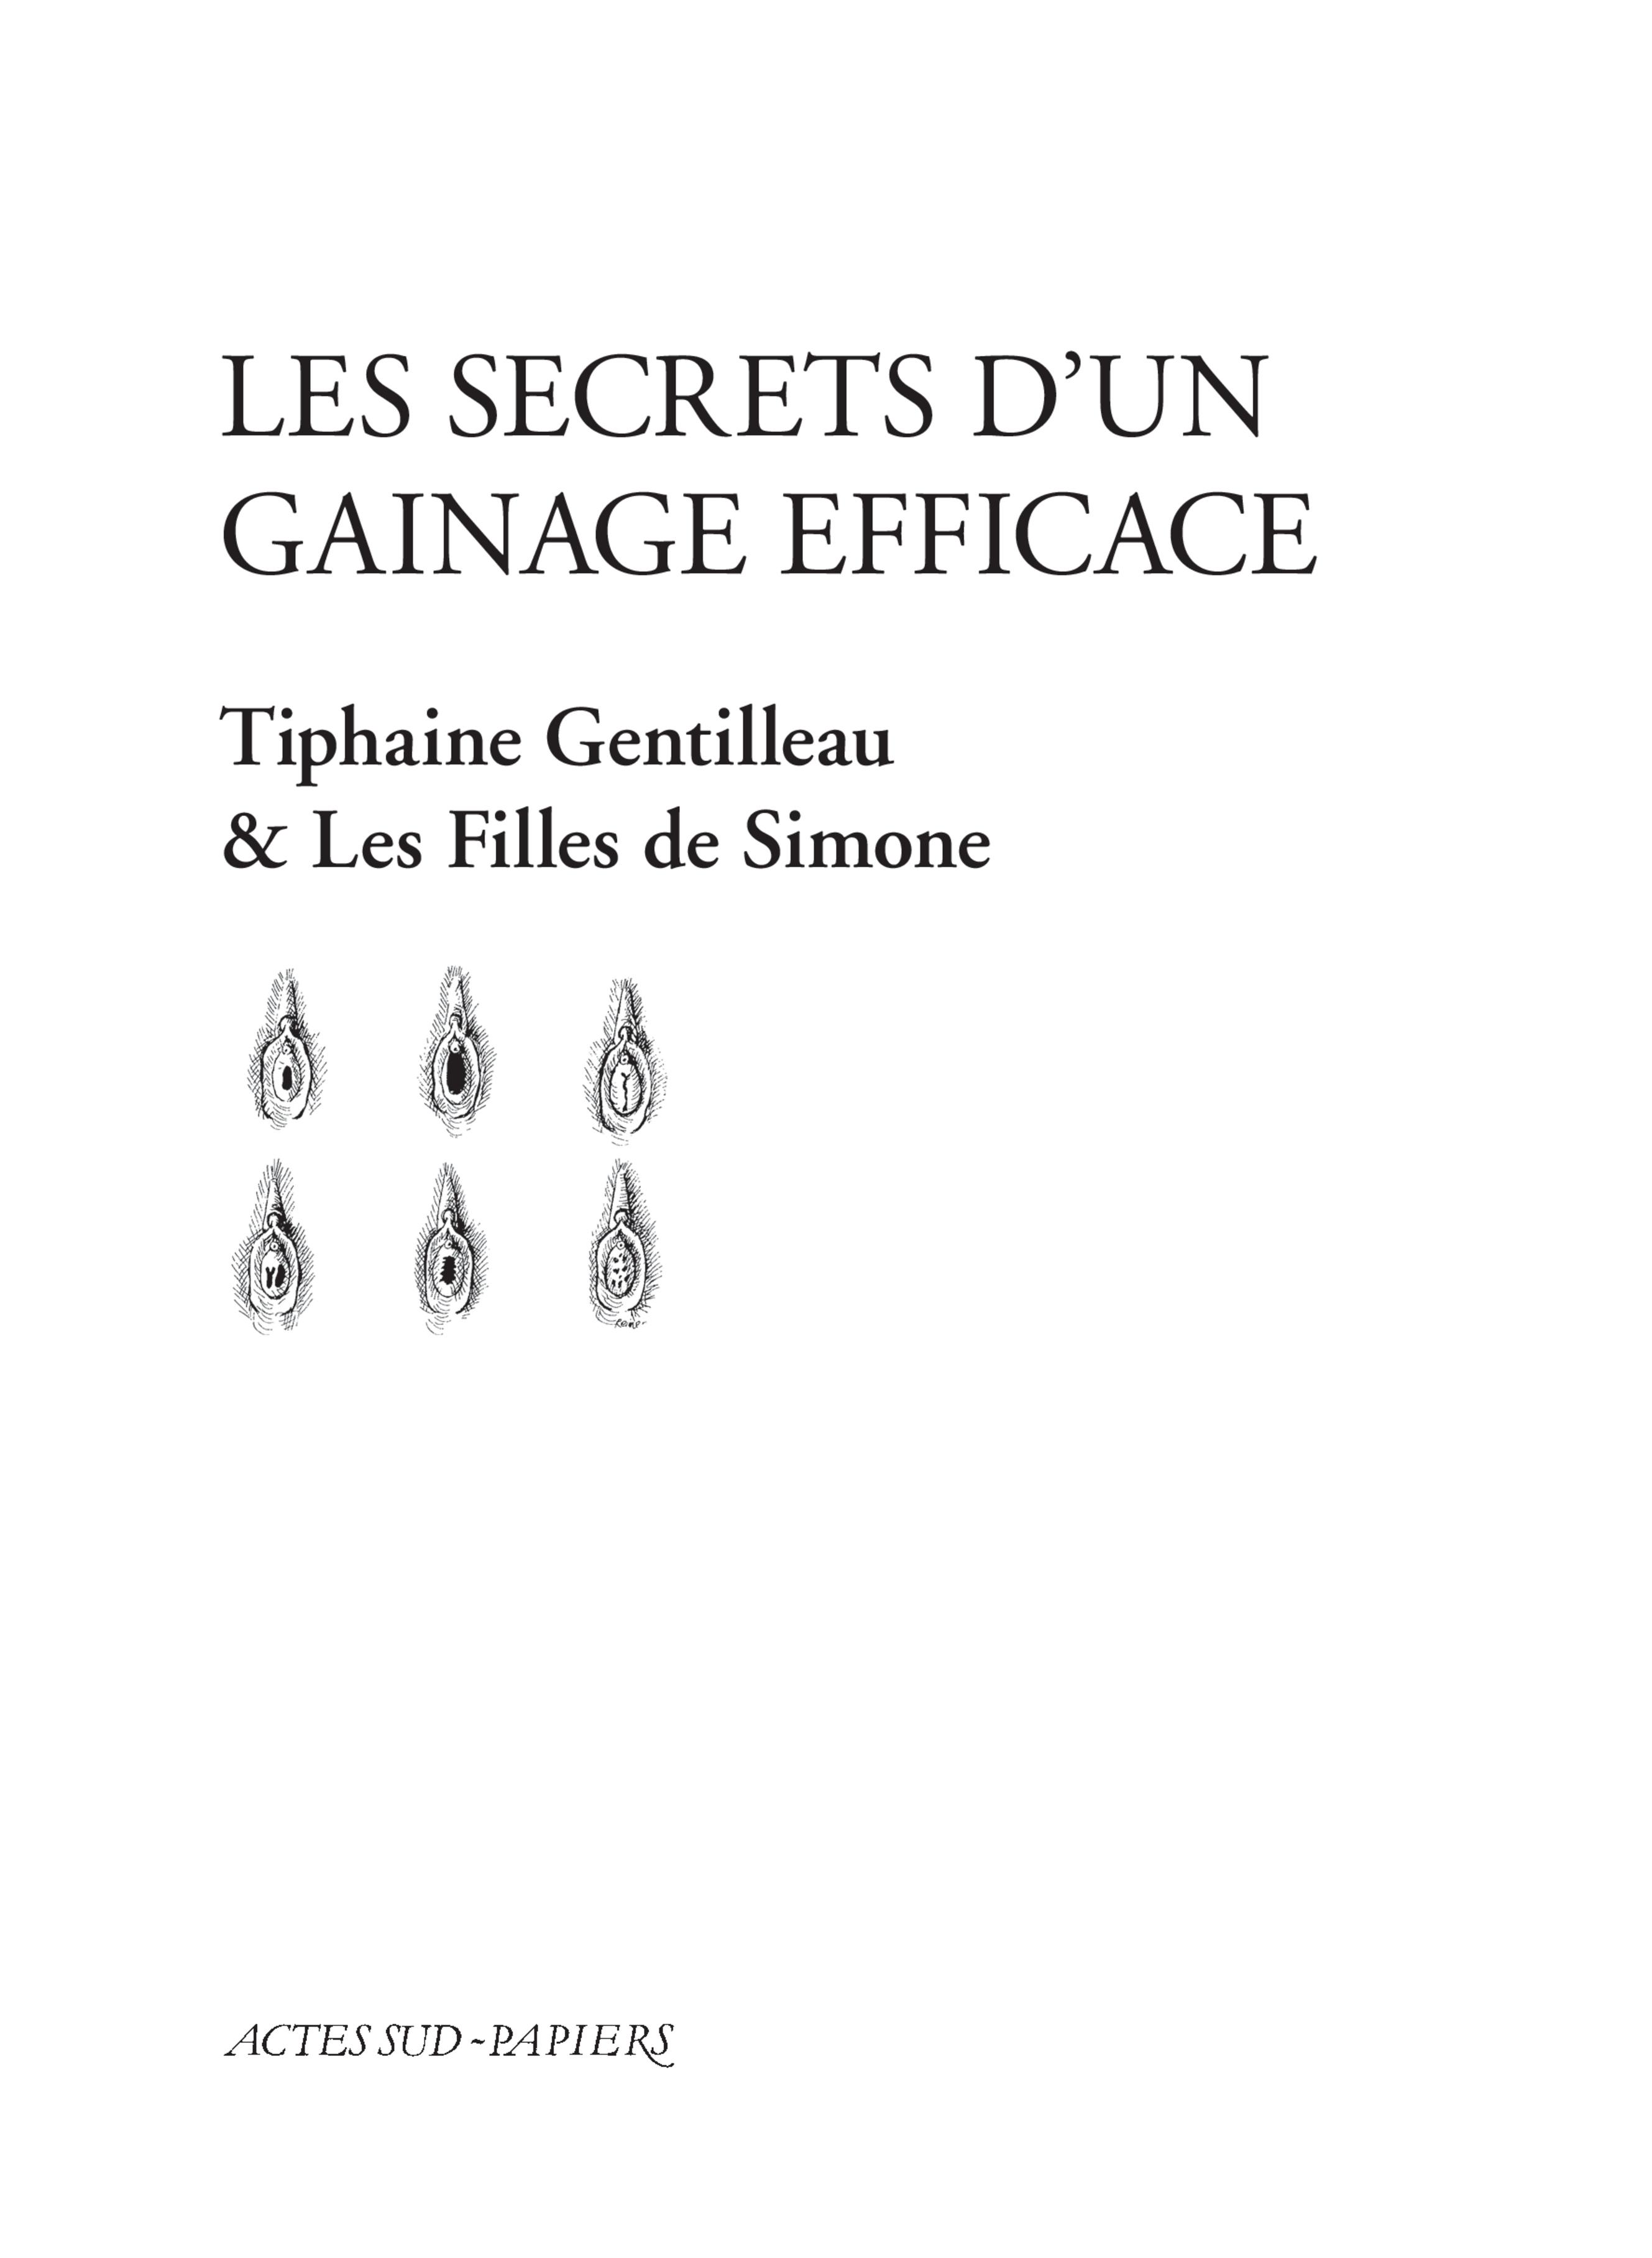 Les Secrets d'un gainage ef...